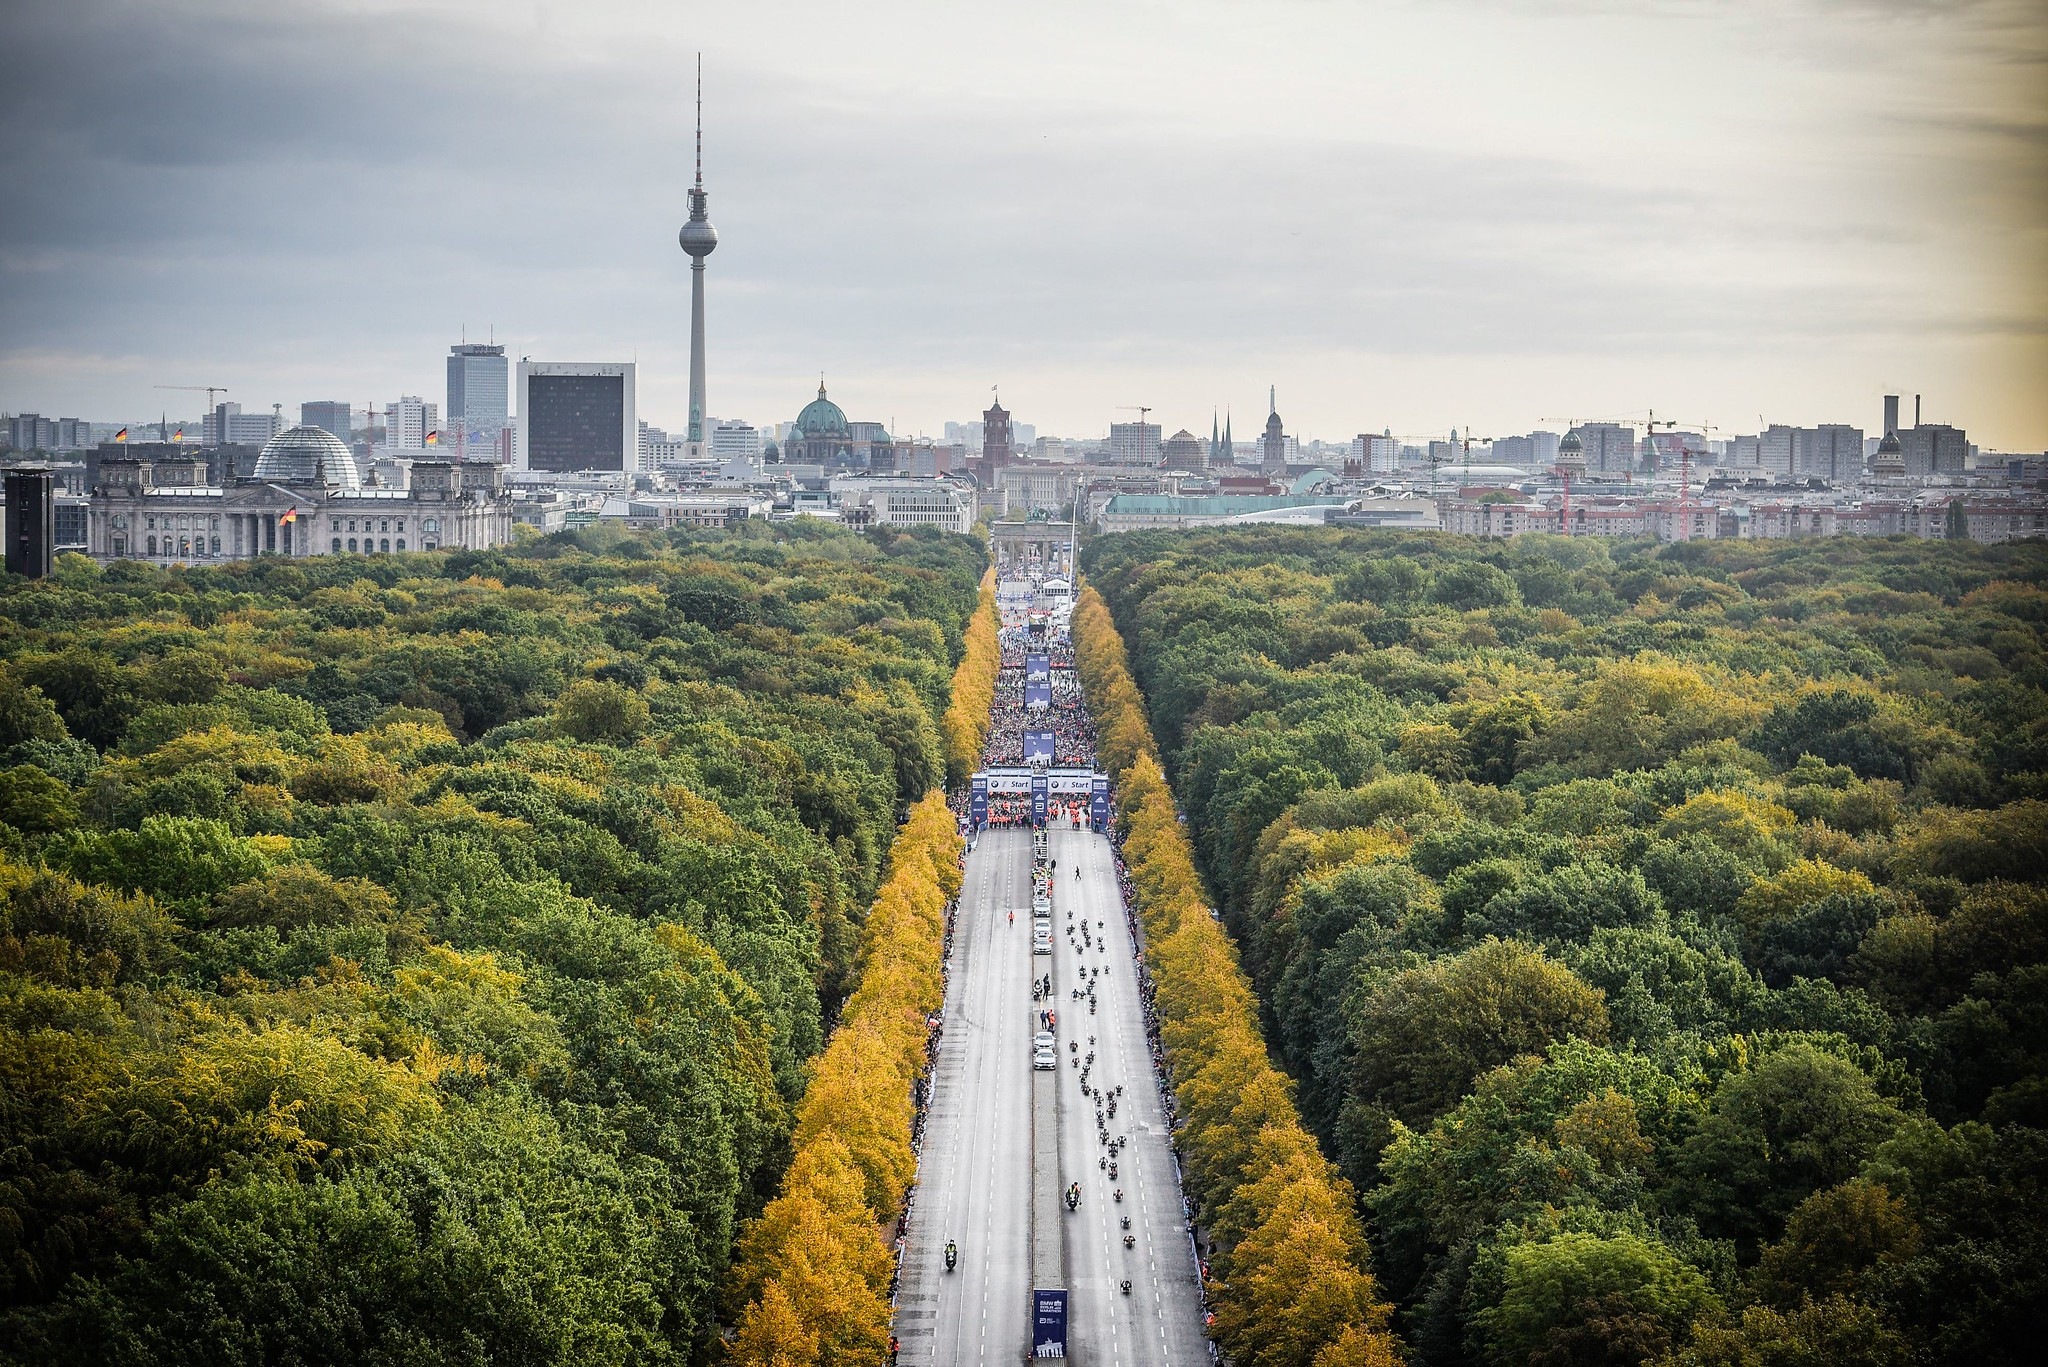 Correr el Maratón de Berlín - Berlin Marathon fotos photos - thewotme maratón de berlín - 49038566093 32a22034bf k - Correr el Maratón de Berlín: Análisis, recorrido, entrenamiento e inscripciones